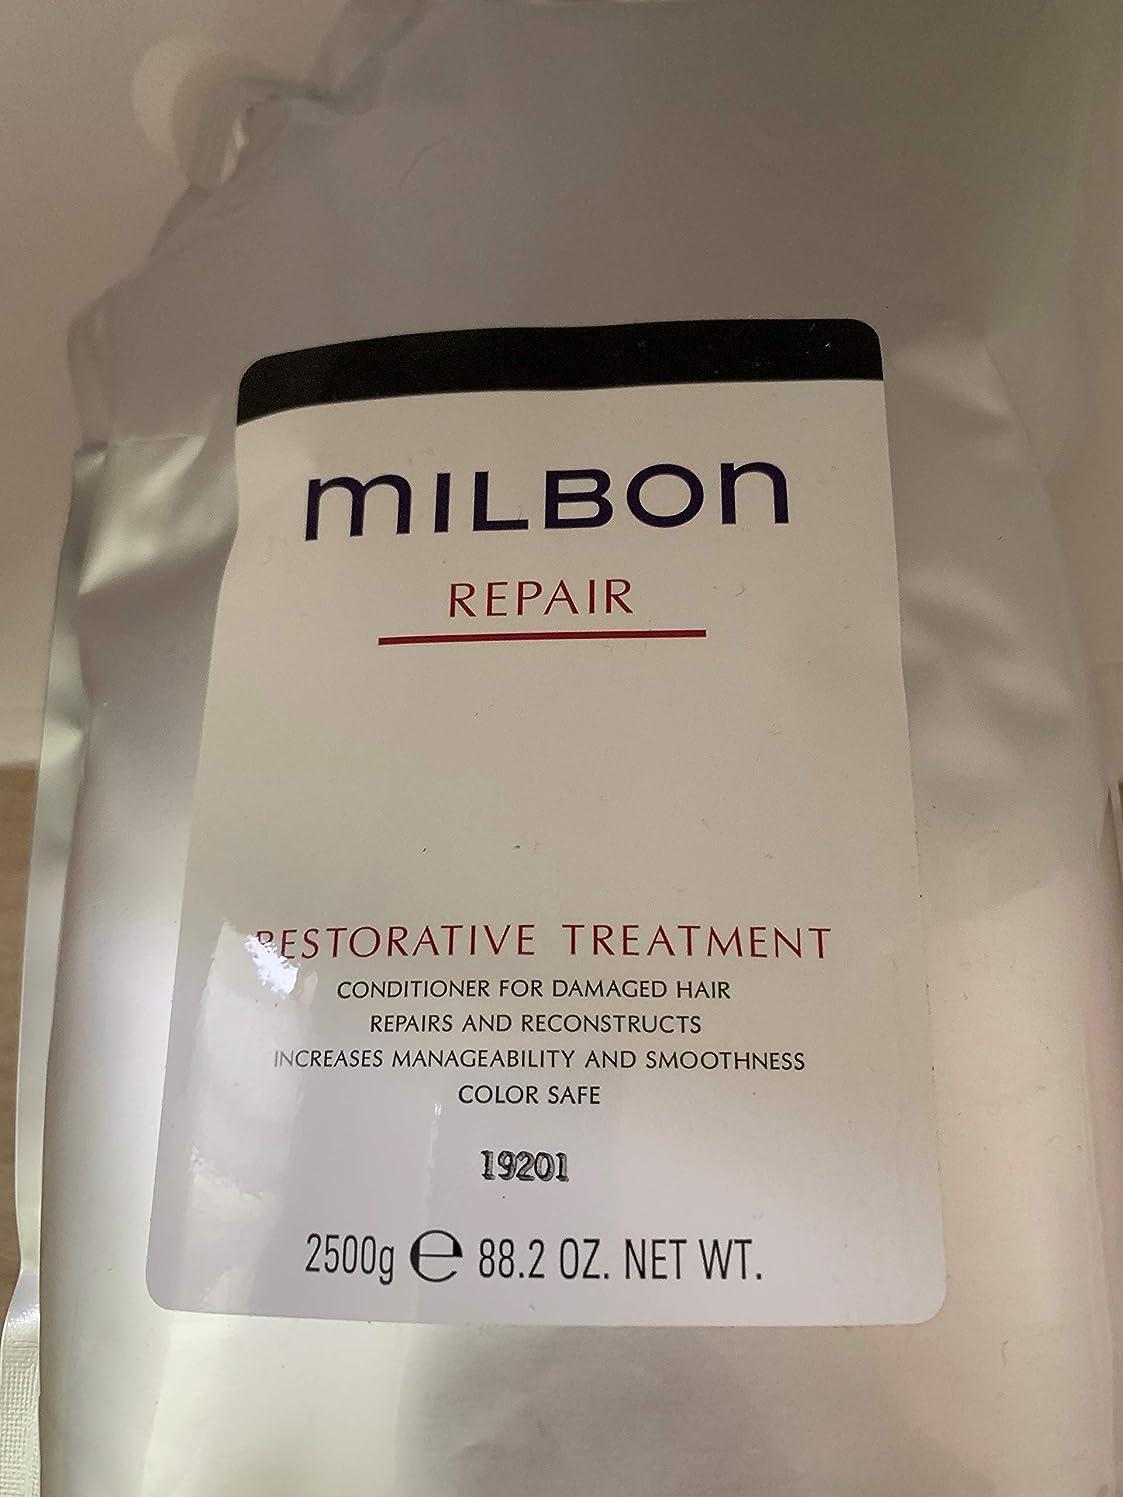 療法ハンカチピルグローバル ミルボン リペア リストラティブ トリートメント 2500g [詰替え用] (トリートメント 2500ml)